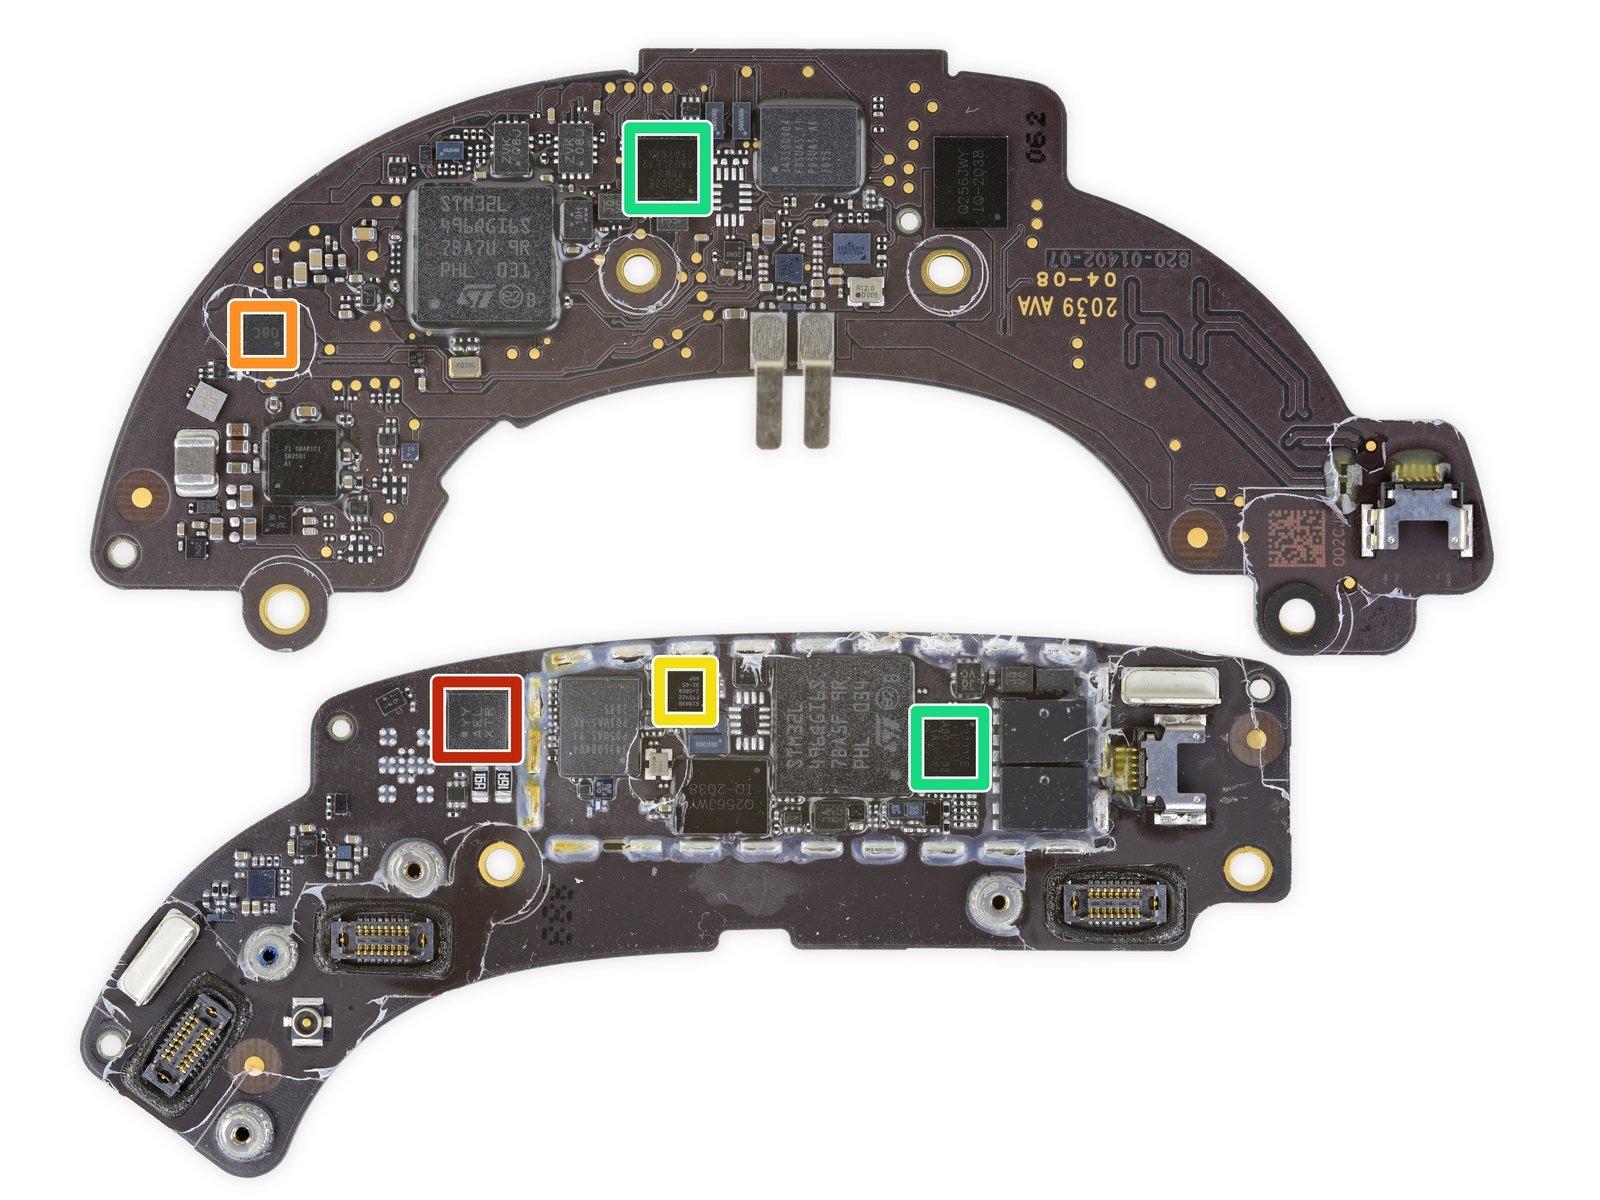 Placa base de los AirPods Max